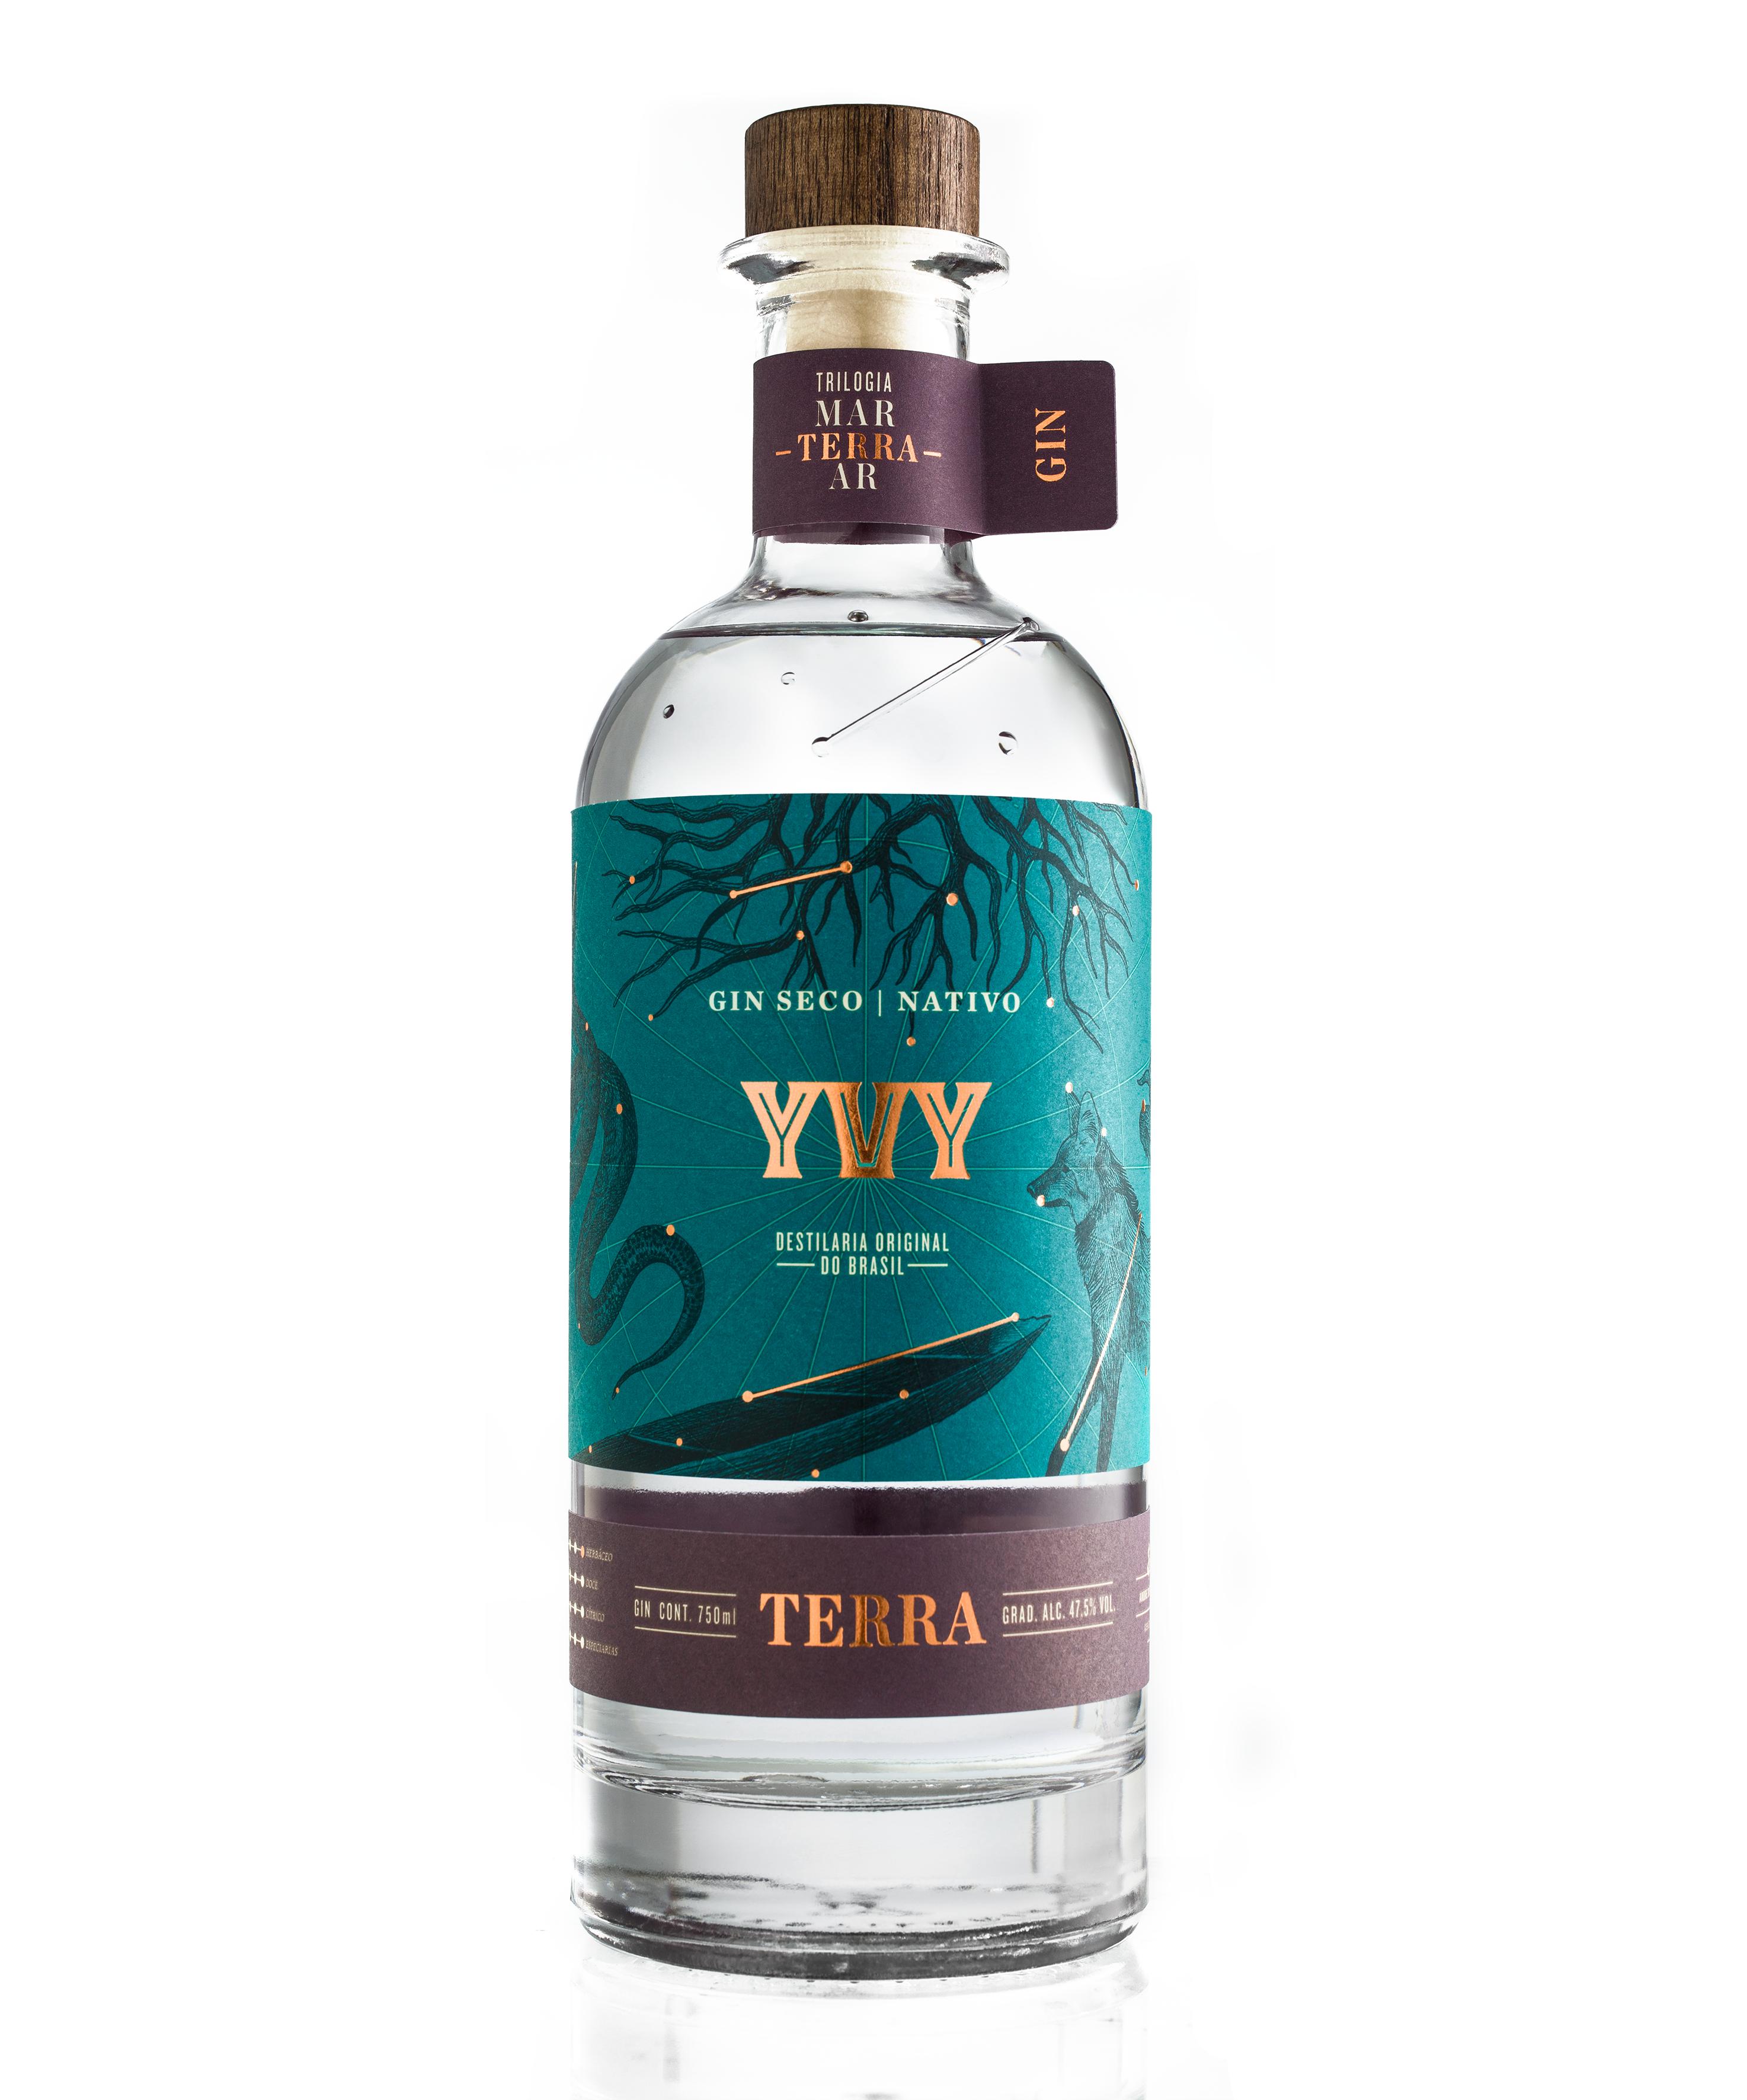 Gin Yvy Terra - 750 ml